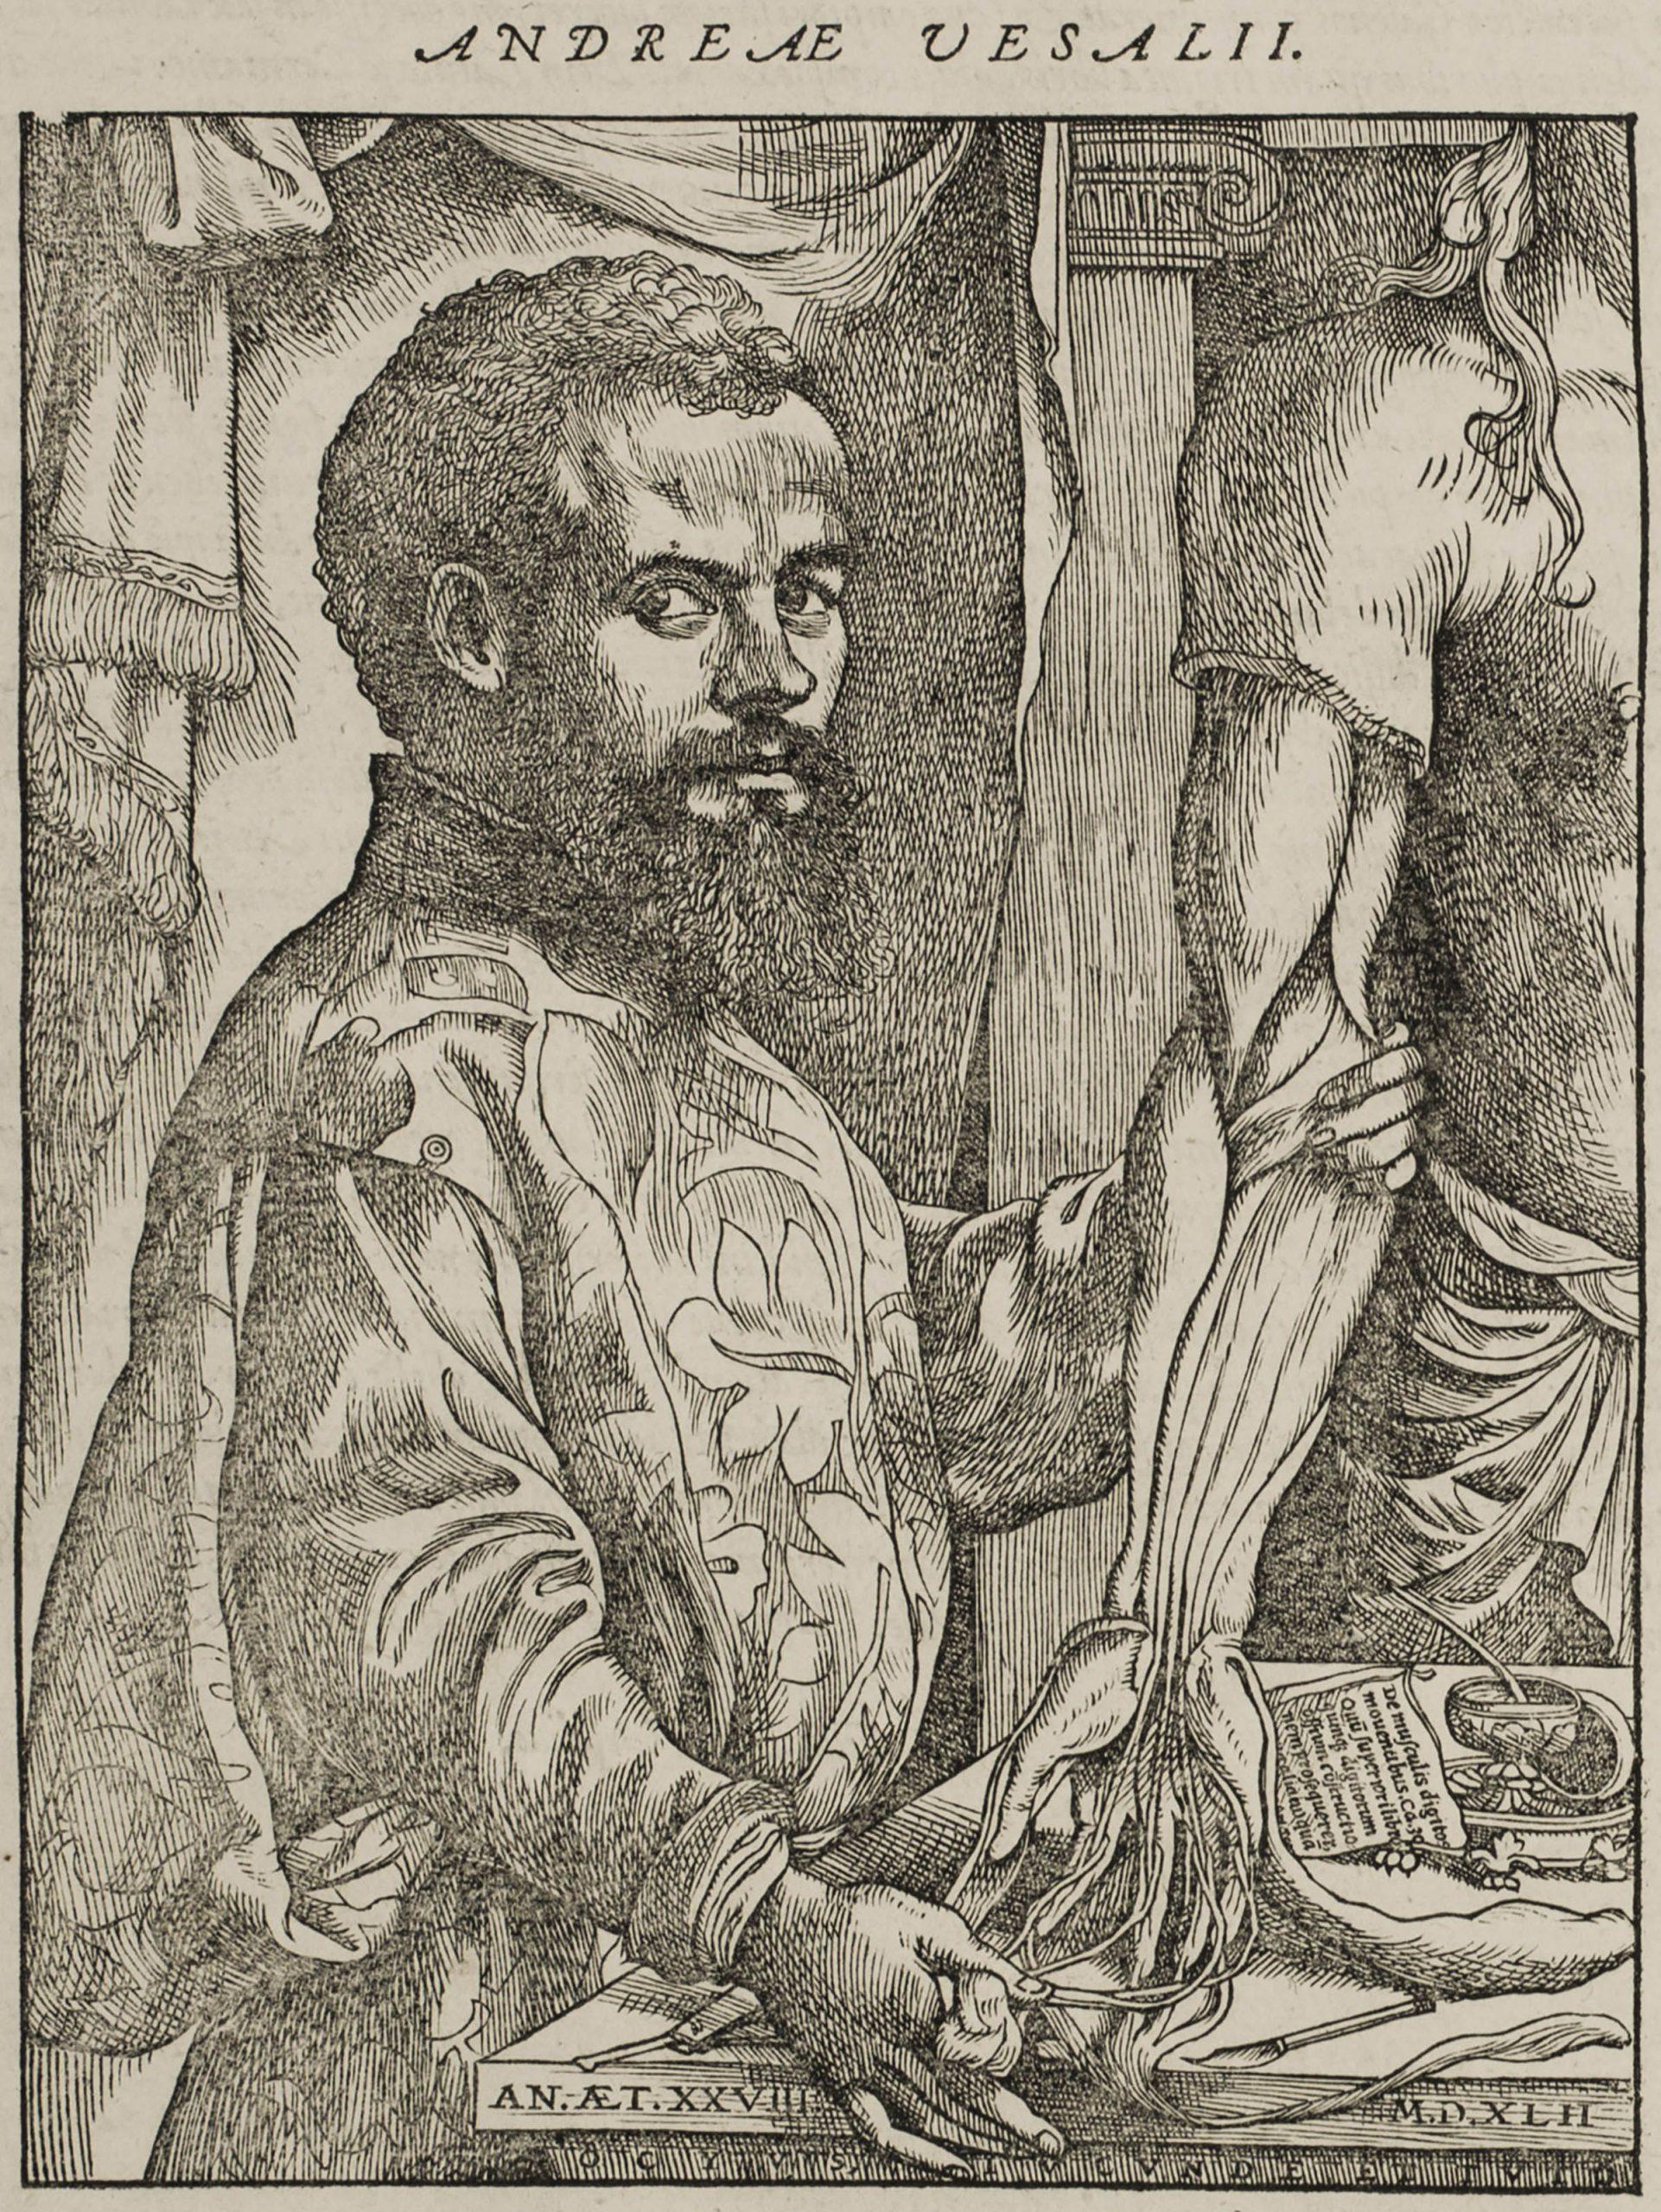 Book title: De humani corporis fabrica (1555)